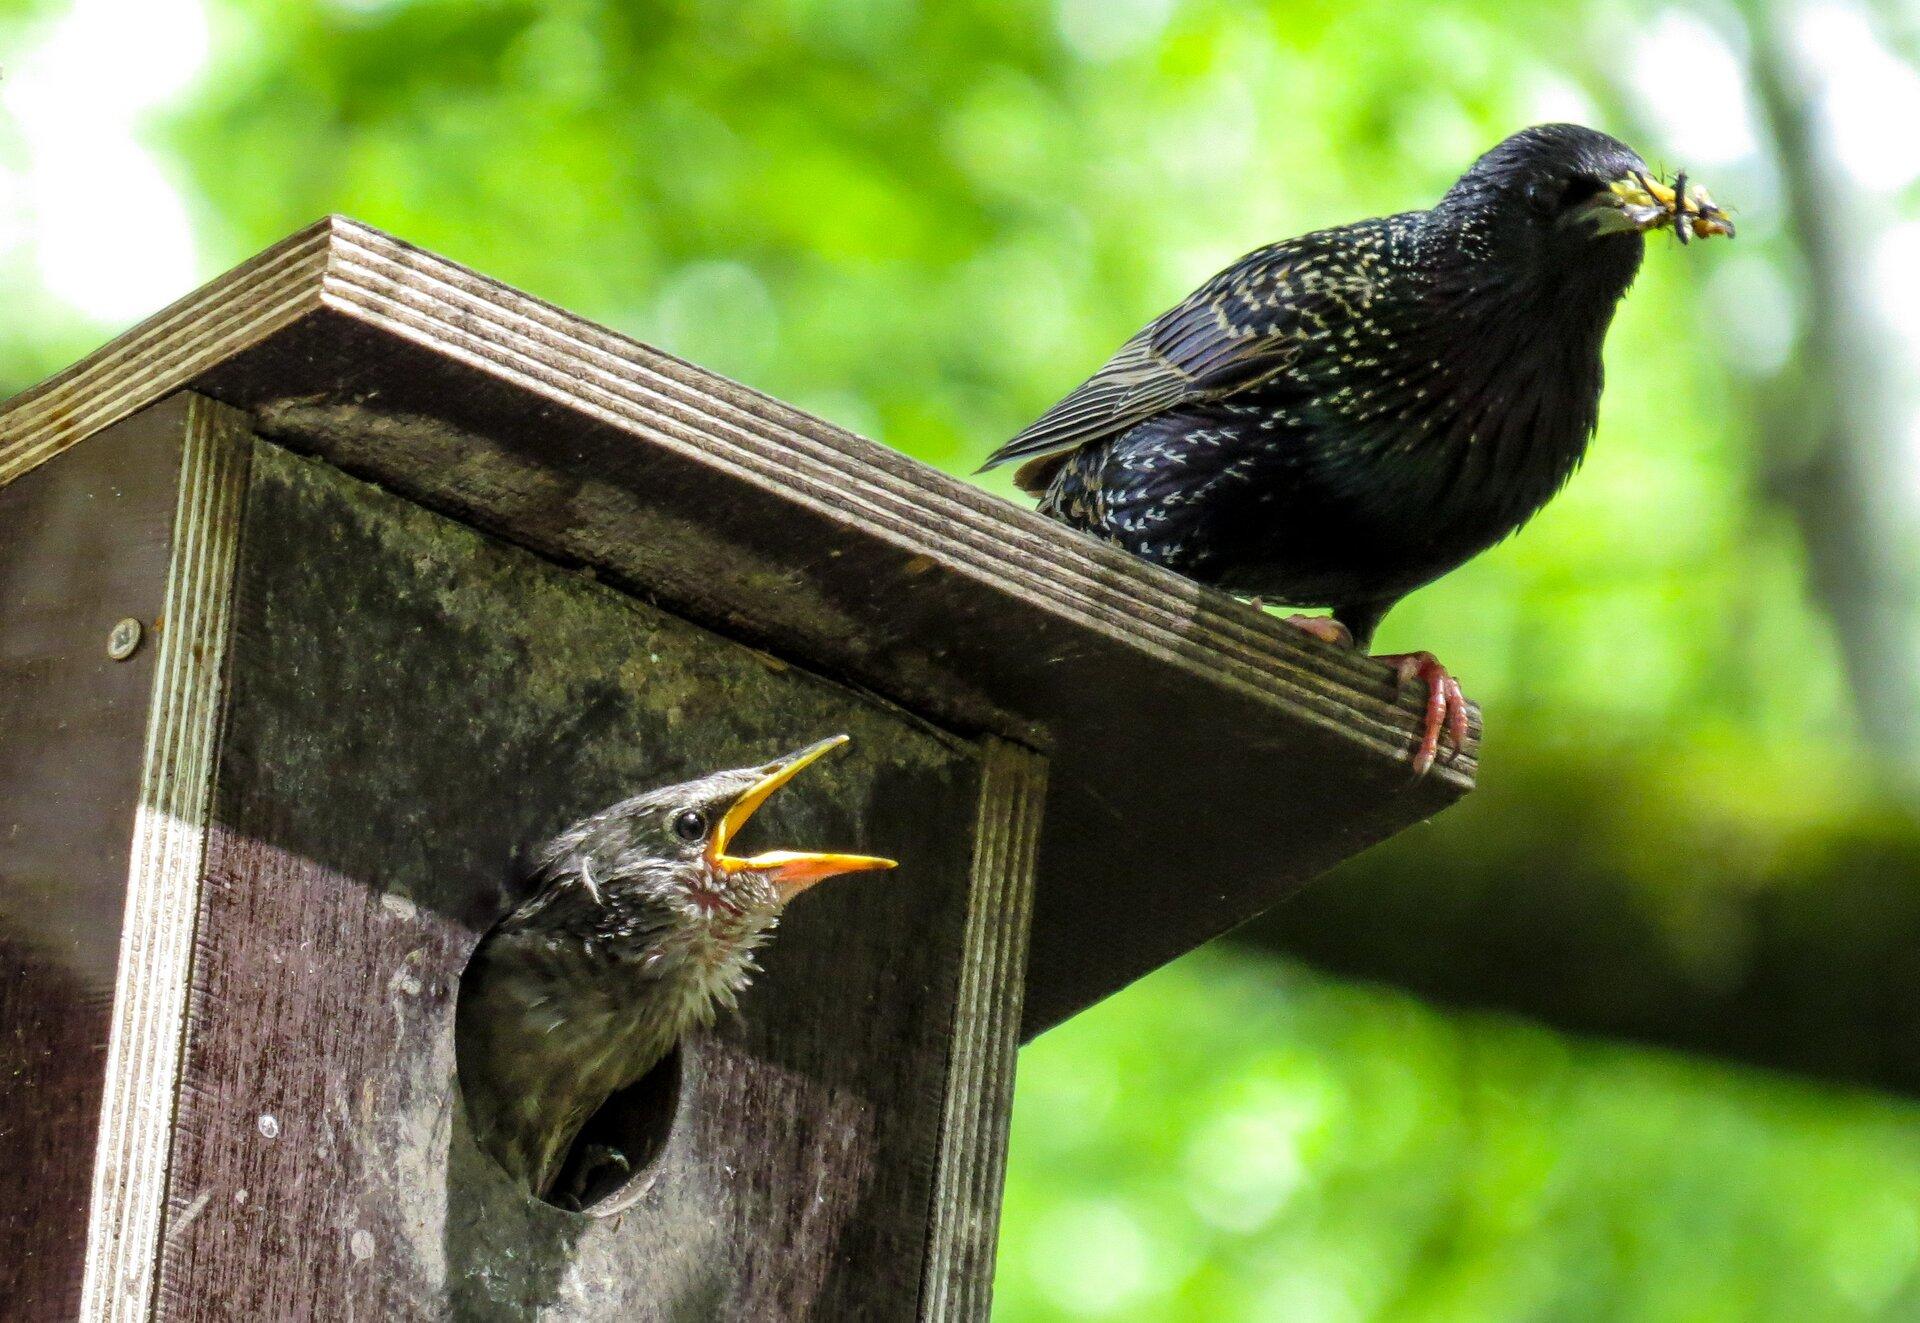 Fotografia przedstawia dorosłego szpaka karmiącego młodego. Dorosły ptak siedzi na budce lęgowej. Jego pióra są czarne zzielonym połyskiem zdrobnymi białymi plamkami. Wdziobie trzyma upolowanego owada. Zotworu wbudce lęgowej wychyla się pisklę. Widać tylko głowę pisklęcia. Pisklę ma piora szare, dziób iskóra wpobliżu nasady dzioba są żółte.